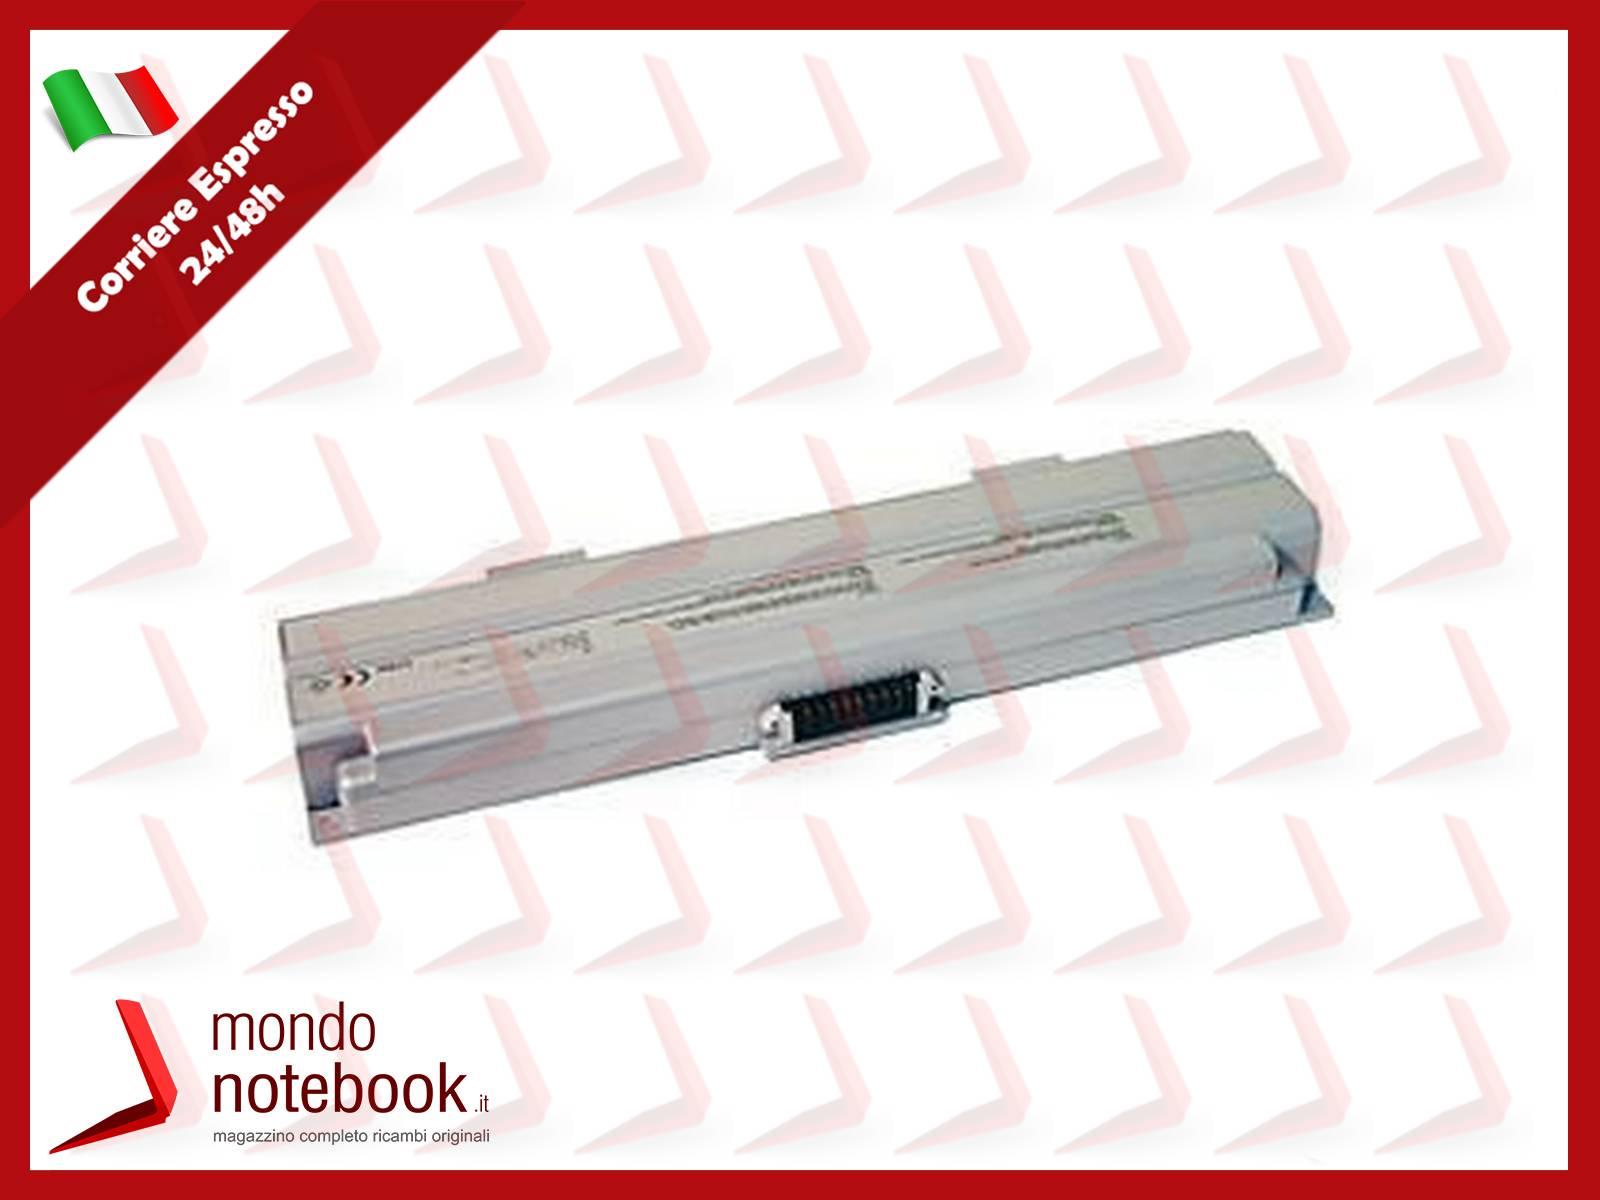 tastiera-notebook-dell-mini-12-inspiron-1210-im12-2868-2871-2869-nera